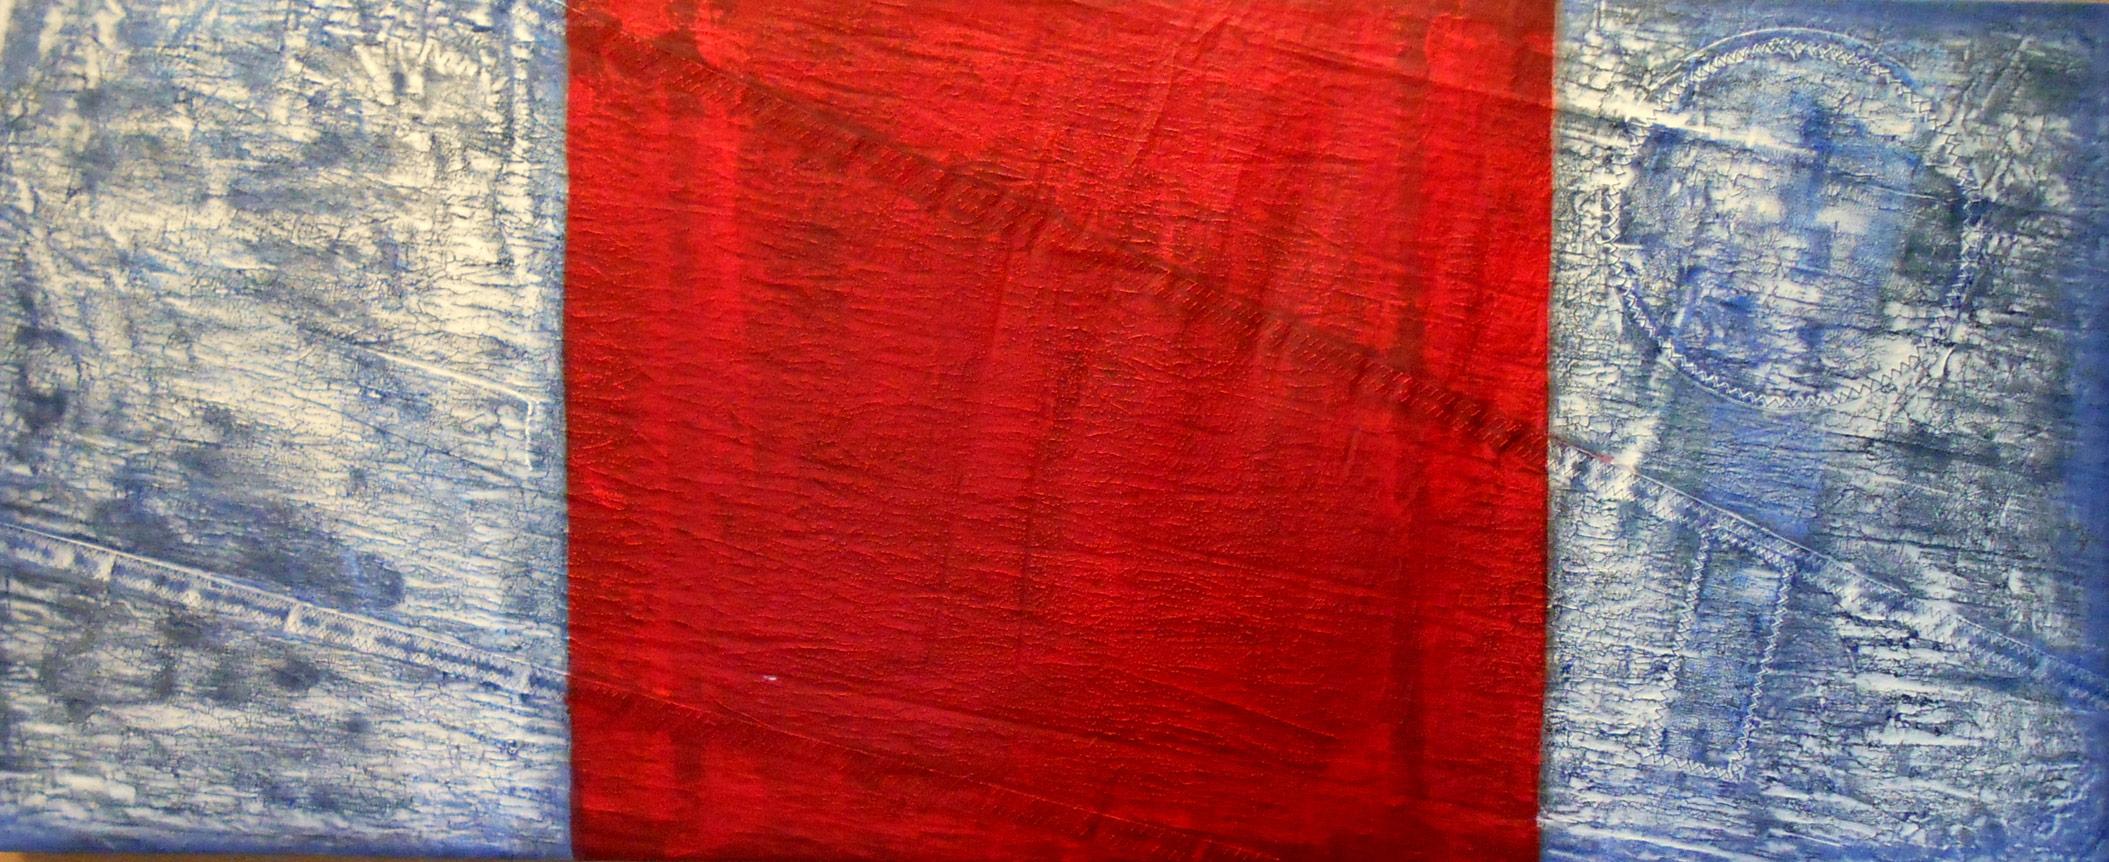 Signal - 70 x 140 cm, Acryl auf Segel, 2015, 2.200,- €